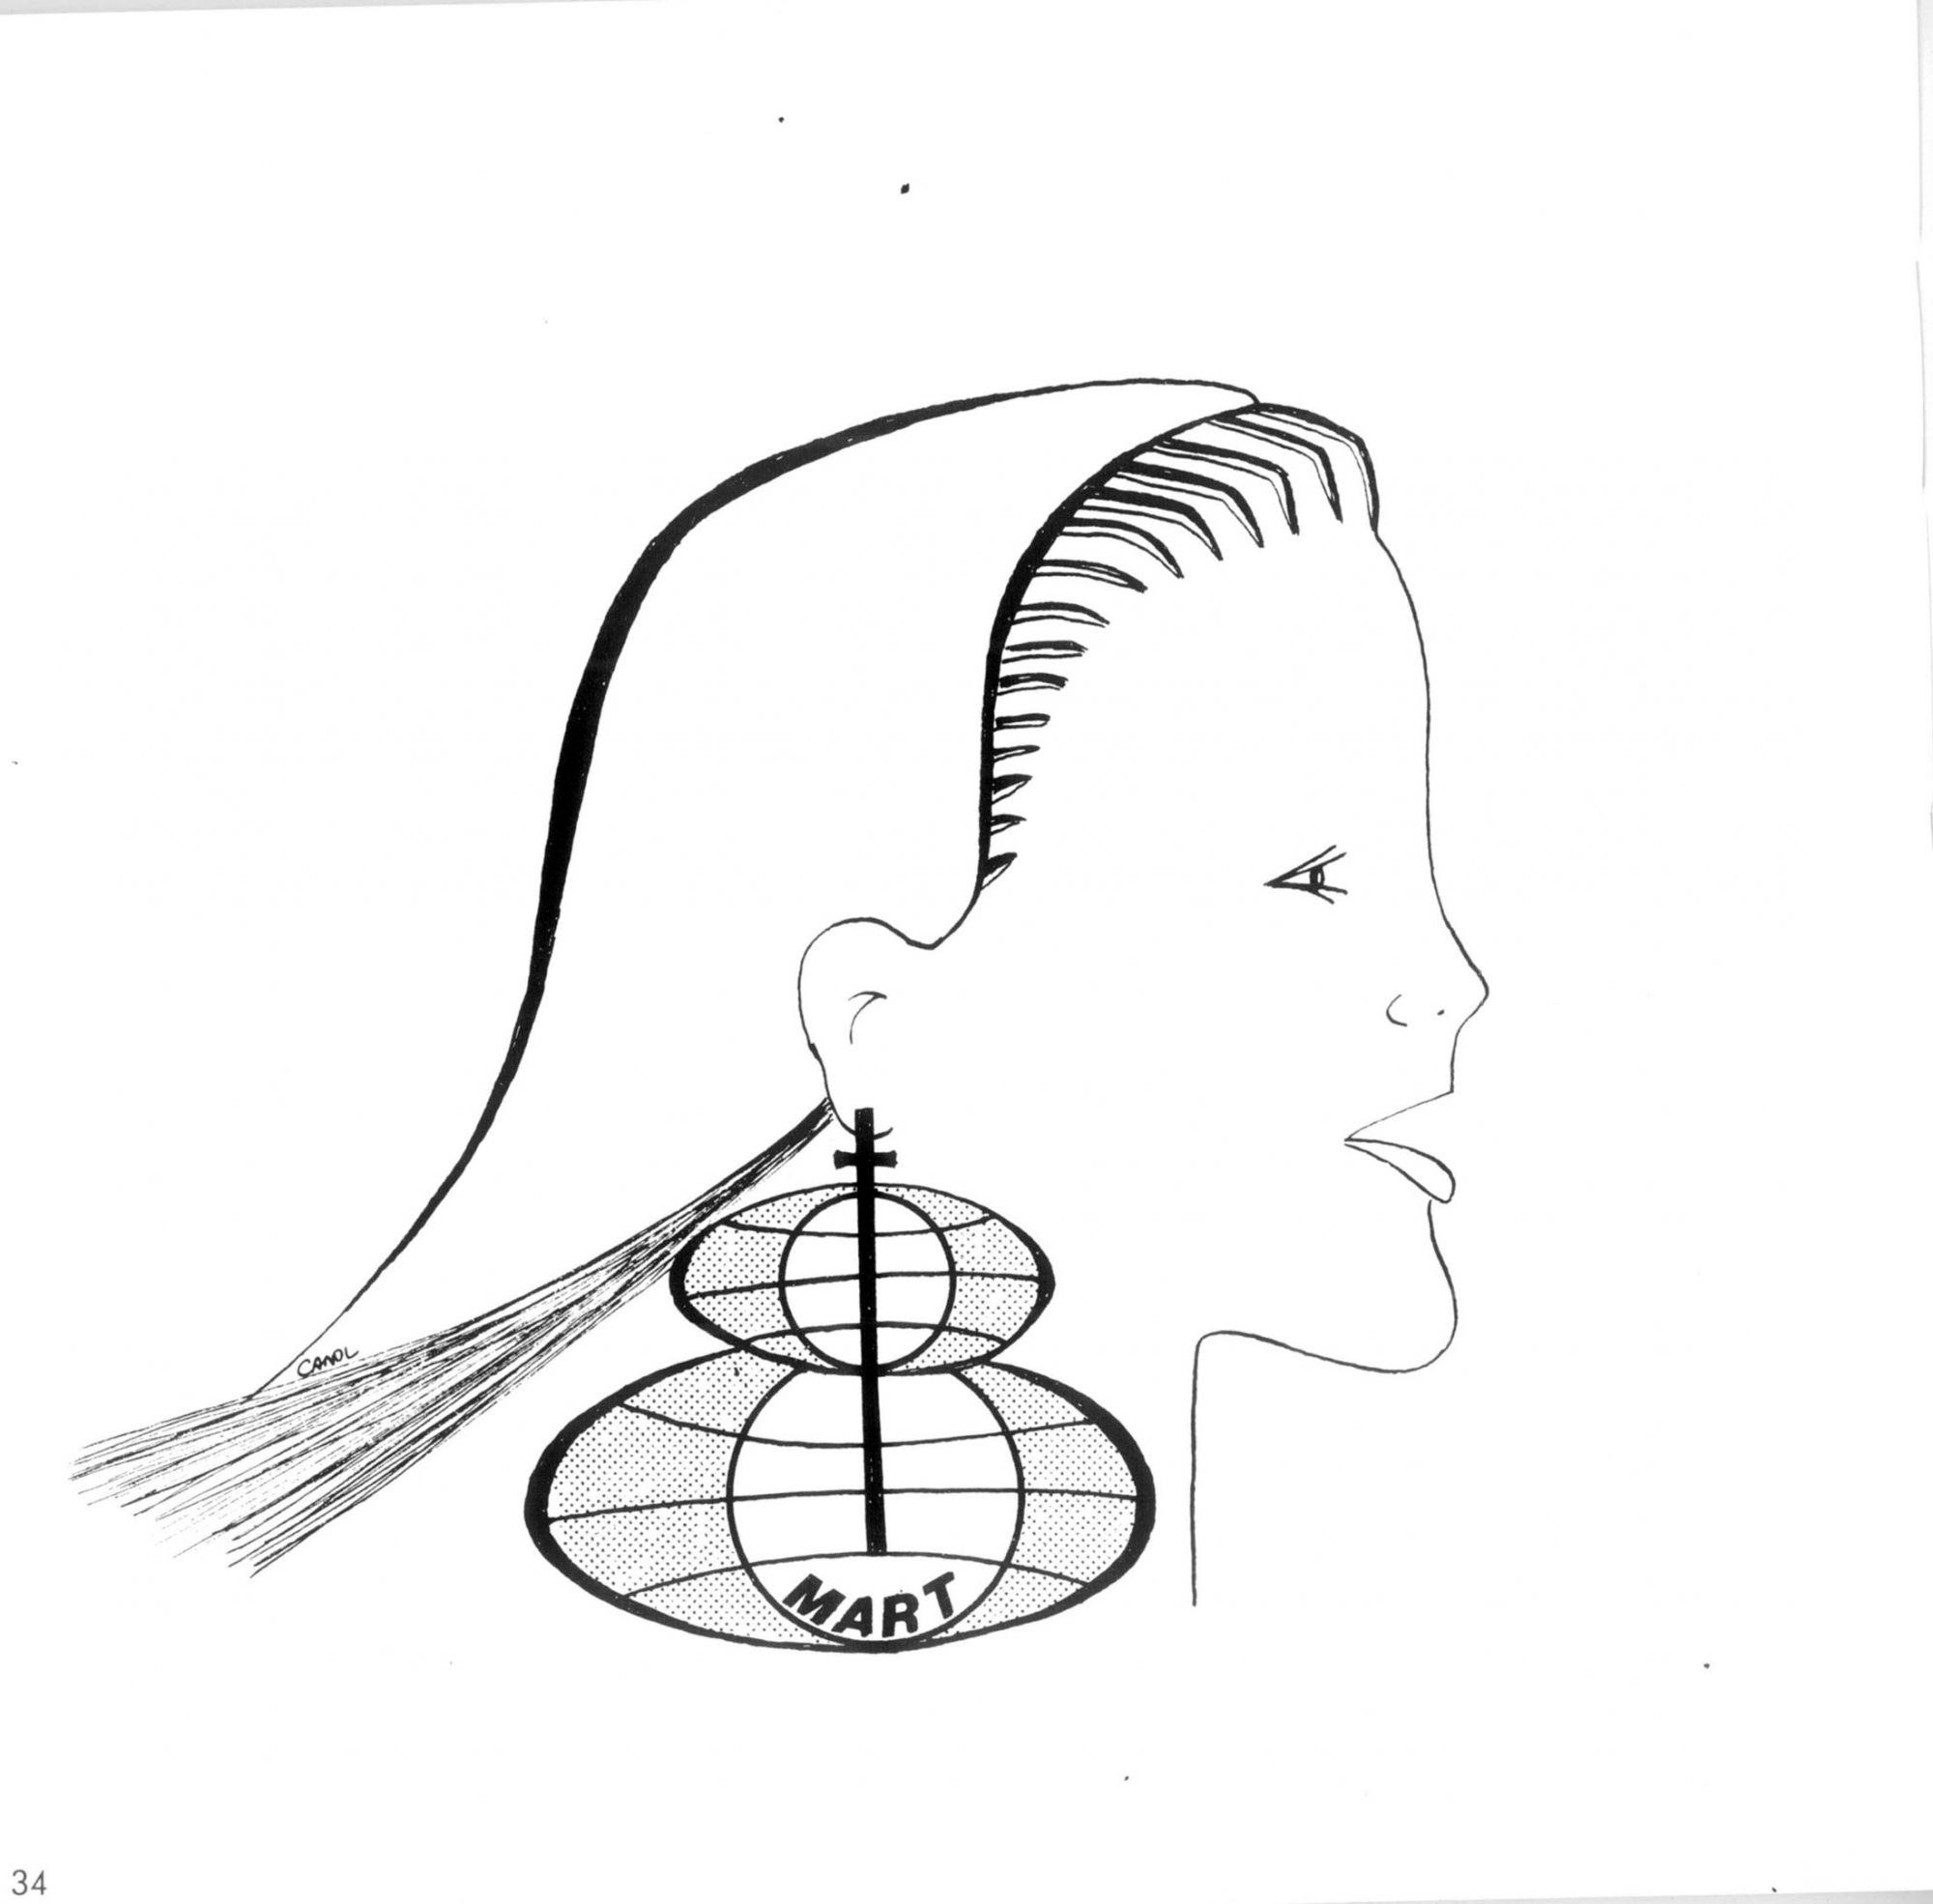 Cizgilerle Emekci Kadinlar Canol Kocagoz Den Bir Secki Sol Haber Portali